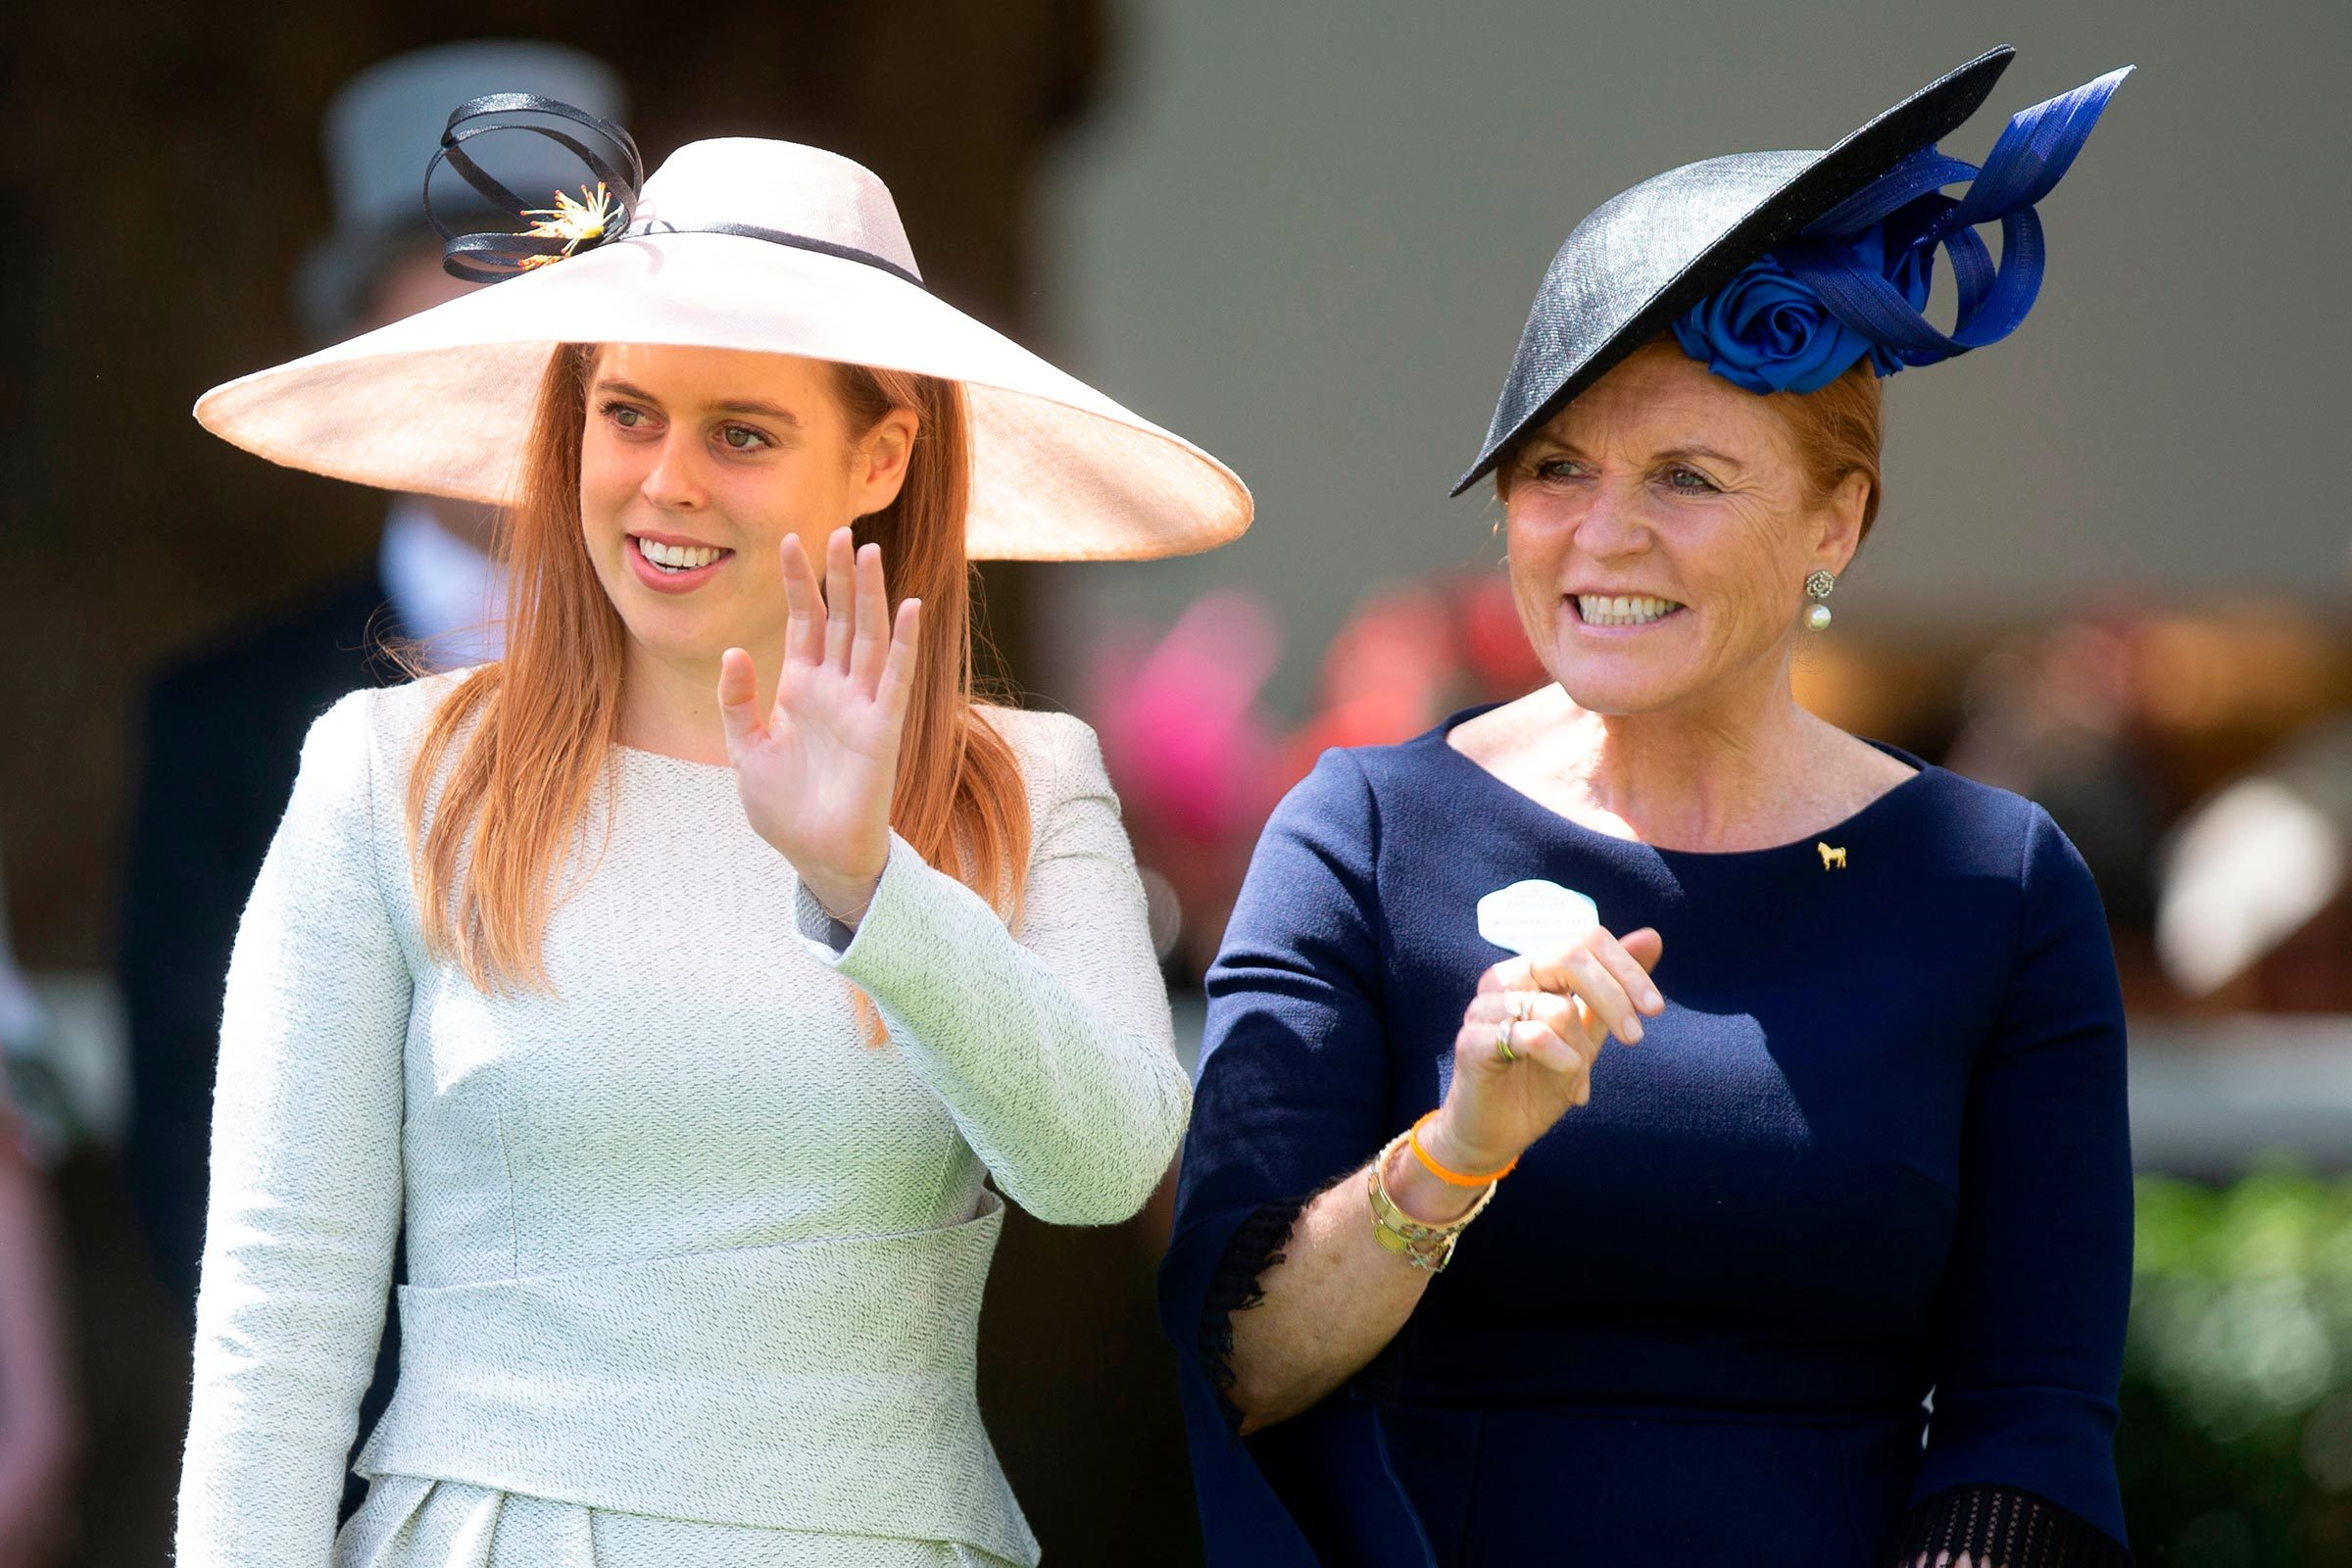 Princess Beatrice and Sarah Ferguson